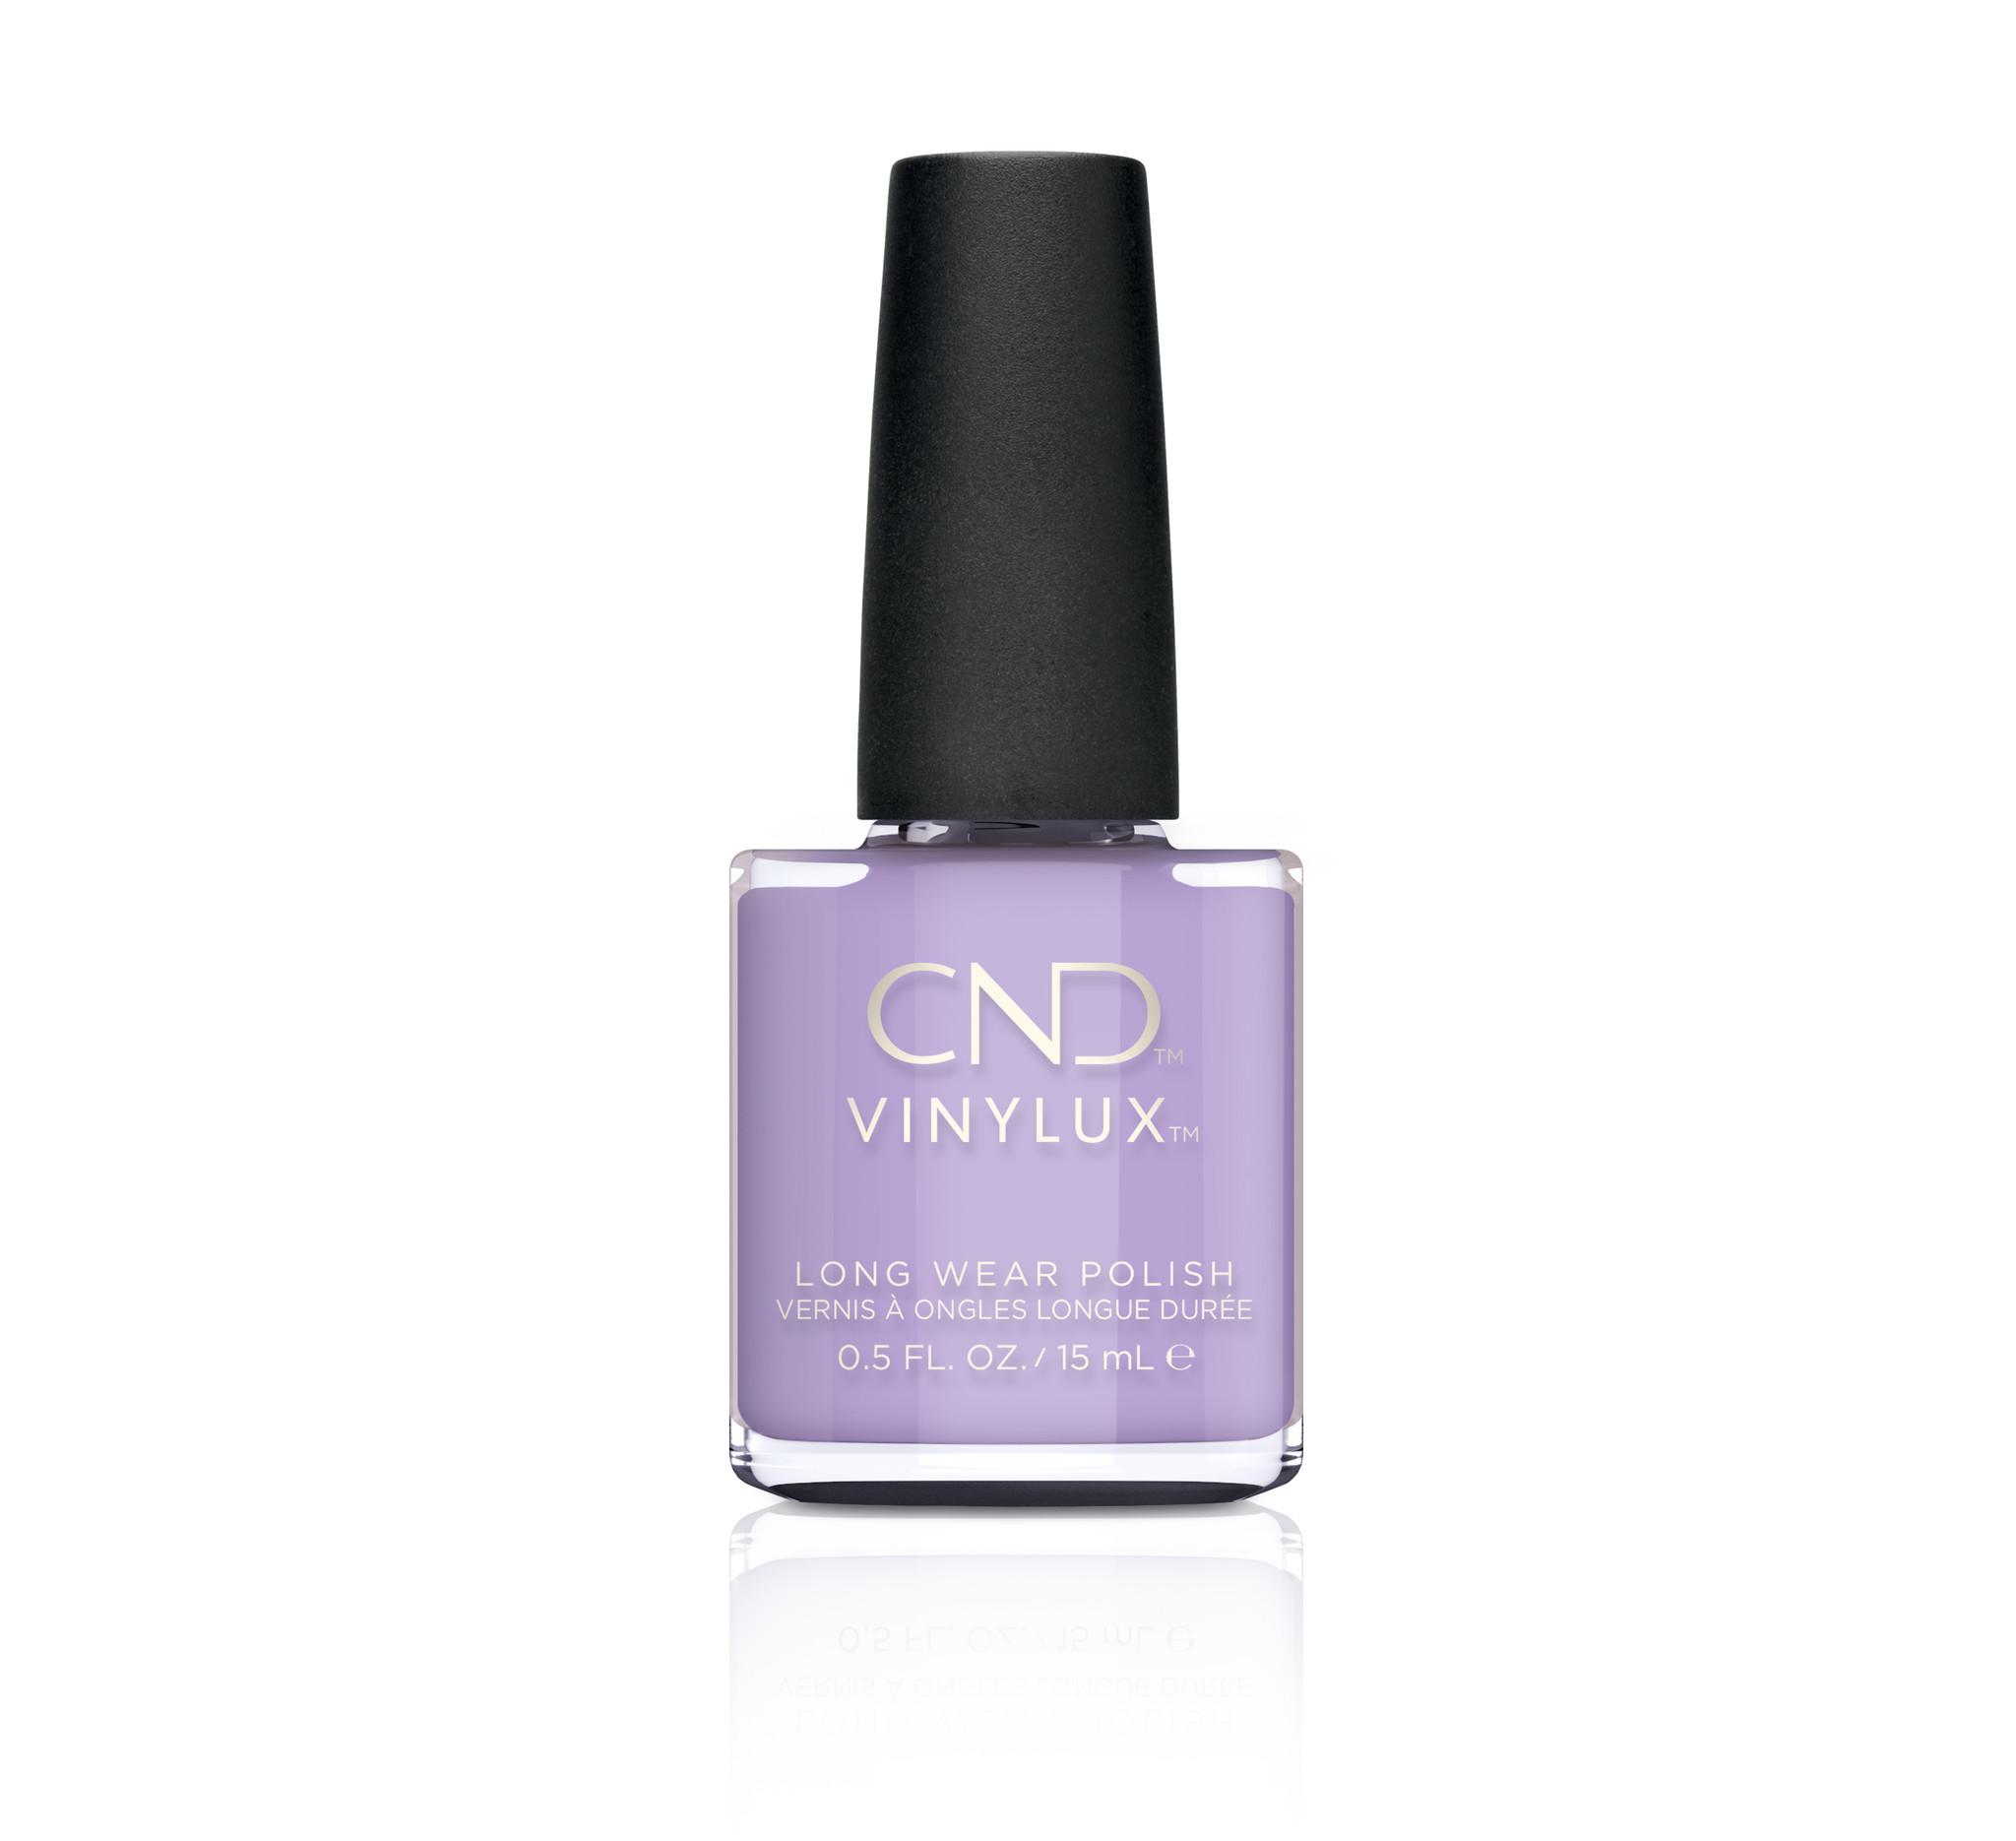 CND vinylux Vernis à ongles longue durée : GET NAUTI